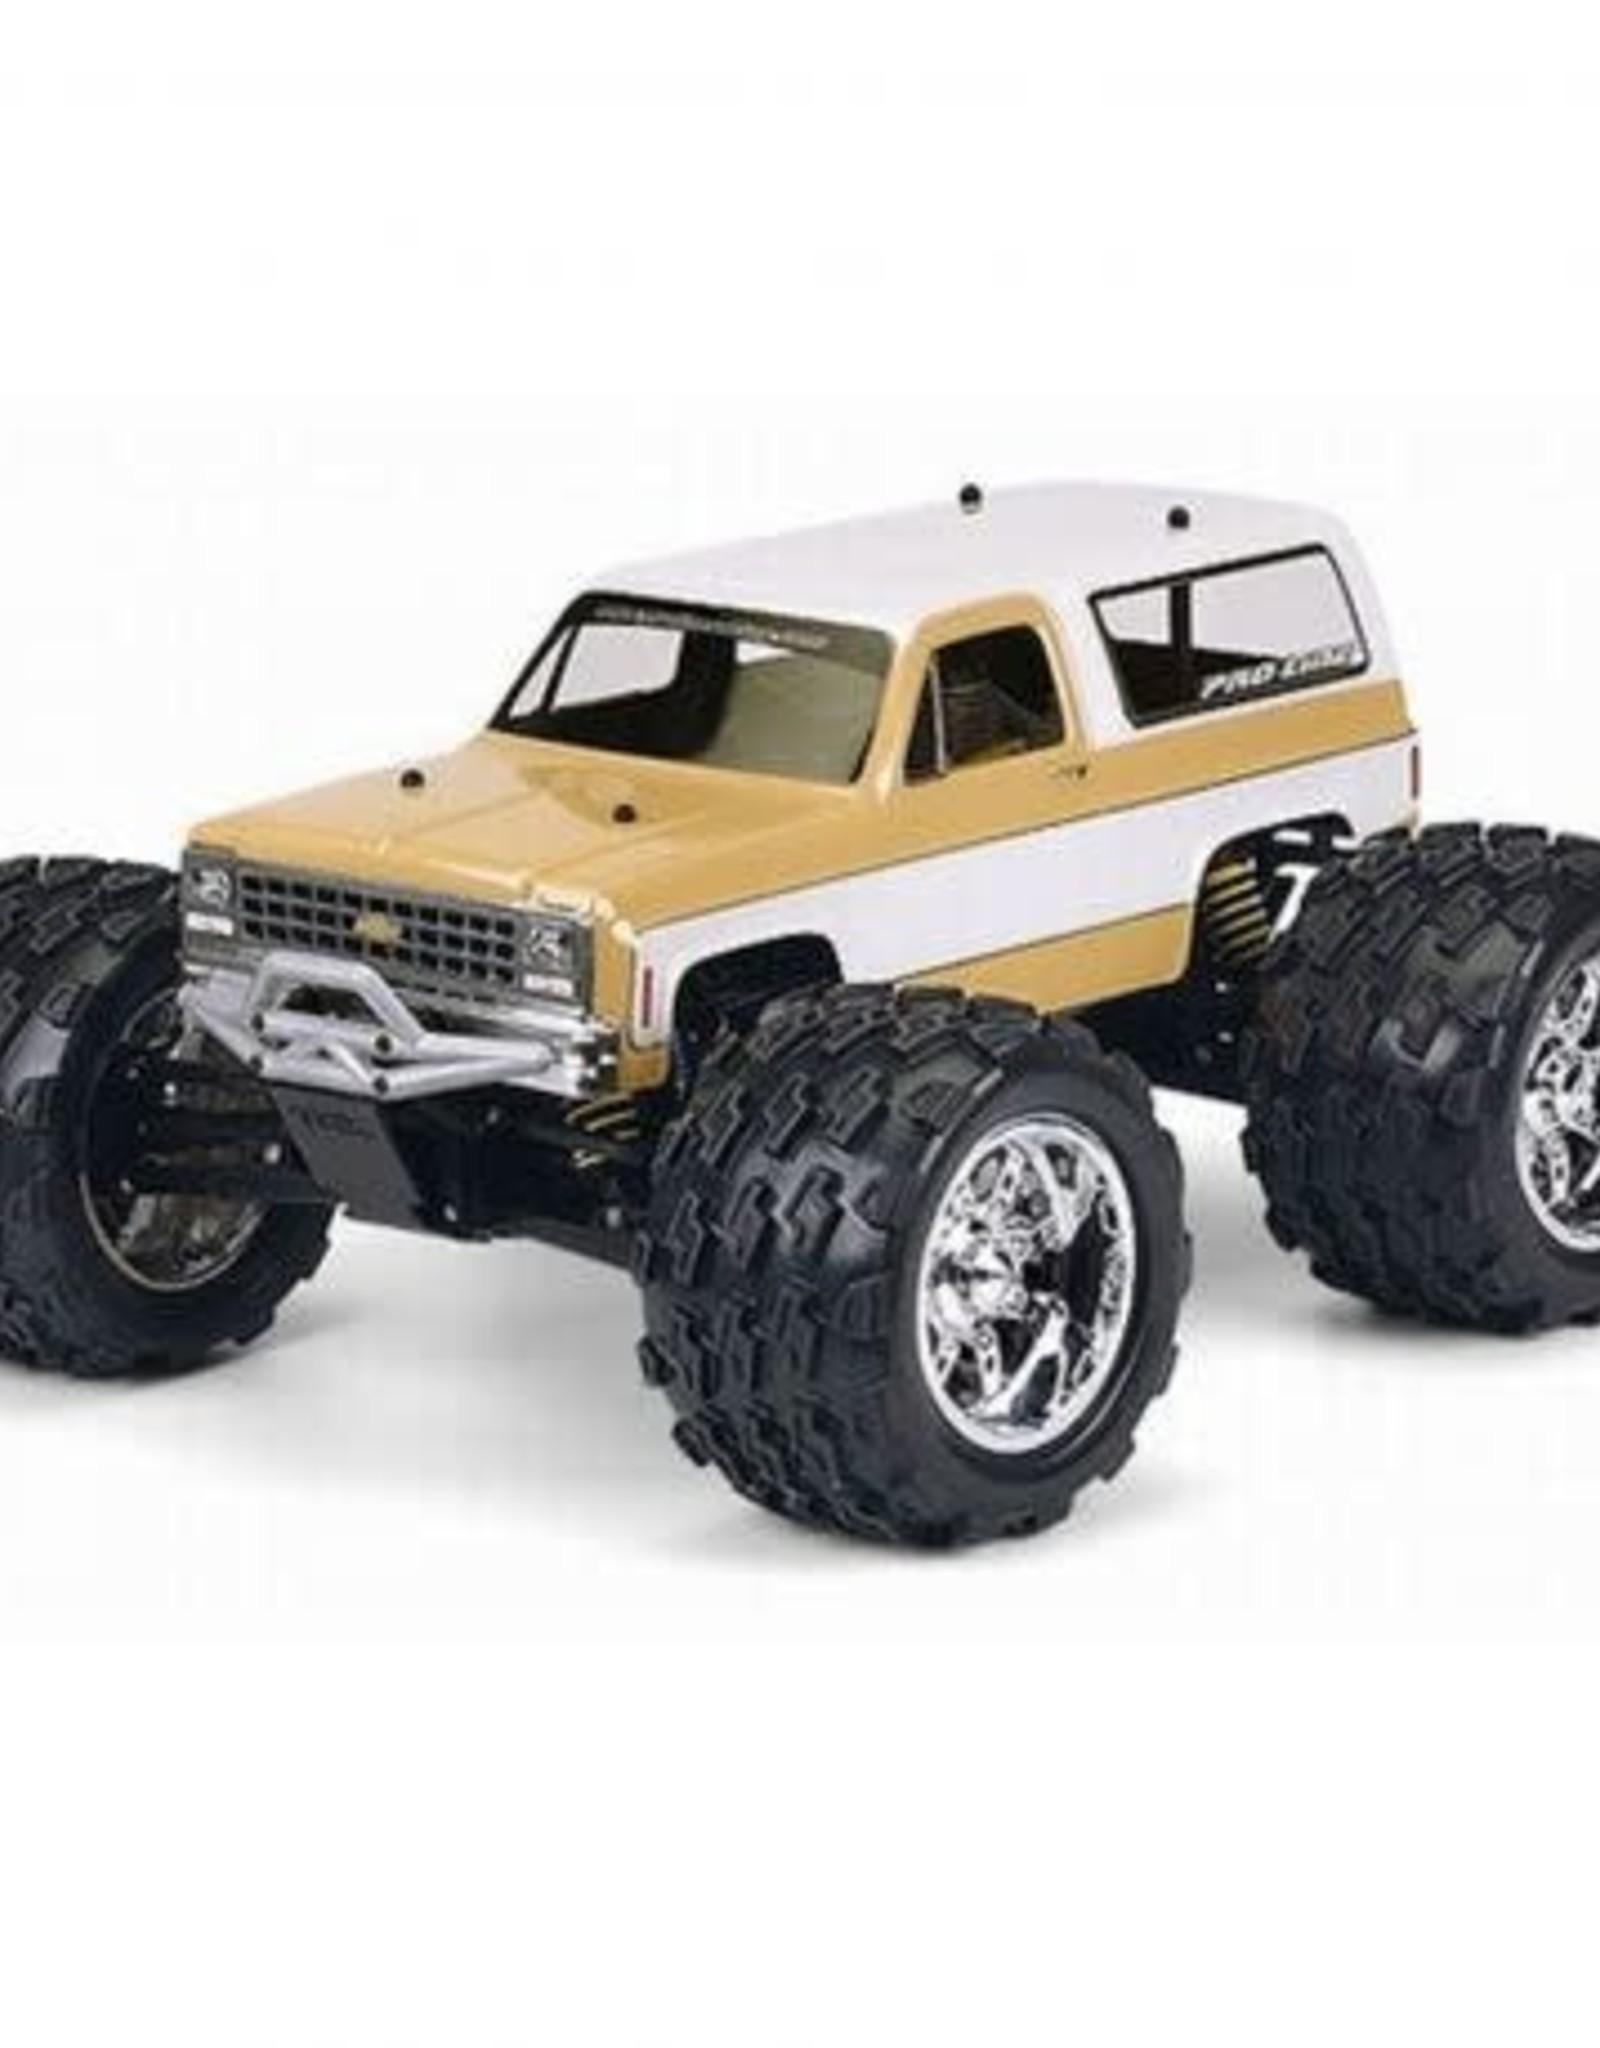 Pro-Line Pro-Line Maxx Revo '80 Chevy Blazer Clear 1/10 Rock Crawler Body